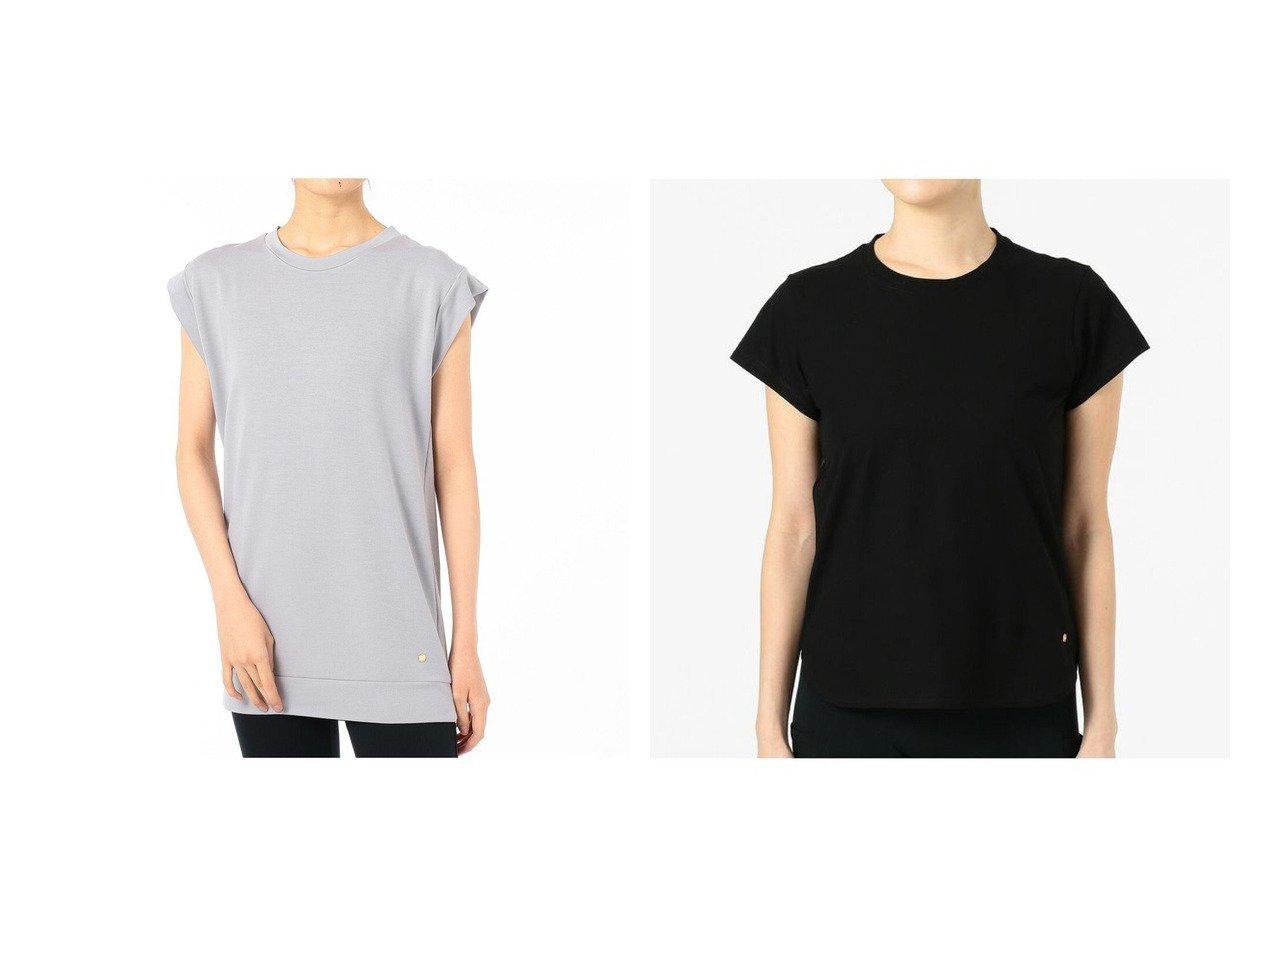 【Chacott/チャコット】のバックタックTシャツ&コンパクトTシャツ スポーツウェア・ヨガ・運動・ダイエットグッズなどのおすすめ!人気トレンド・ファッション通販 おすすめで人気の流行・トレンド、ファッションの通販商品 インテリア・家具・メンズファッション・キッズファッション・レディースファッション・服の通販 founy(ファニー) https://founy.com/ ファッション Fashion レディースファッション WOMEN トップス・カットソー Tops/Tshirt シャツ/ブラウス Shirts/Blouses ロング / Tシャツ T-Shirts ストレッチ ノースリーブ レギンス 再入荷 Restock/Back in Stock/Re Arrival コンパクト シンプル 抗菌 |ID:crp329100000041147